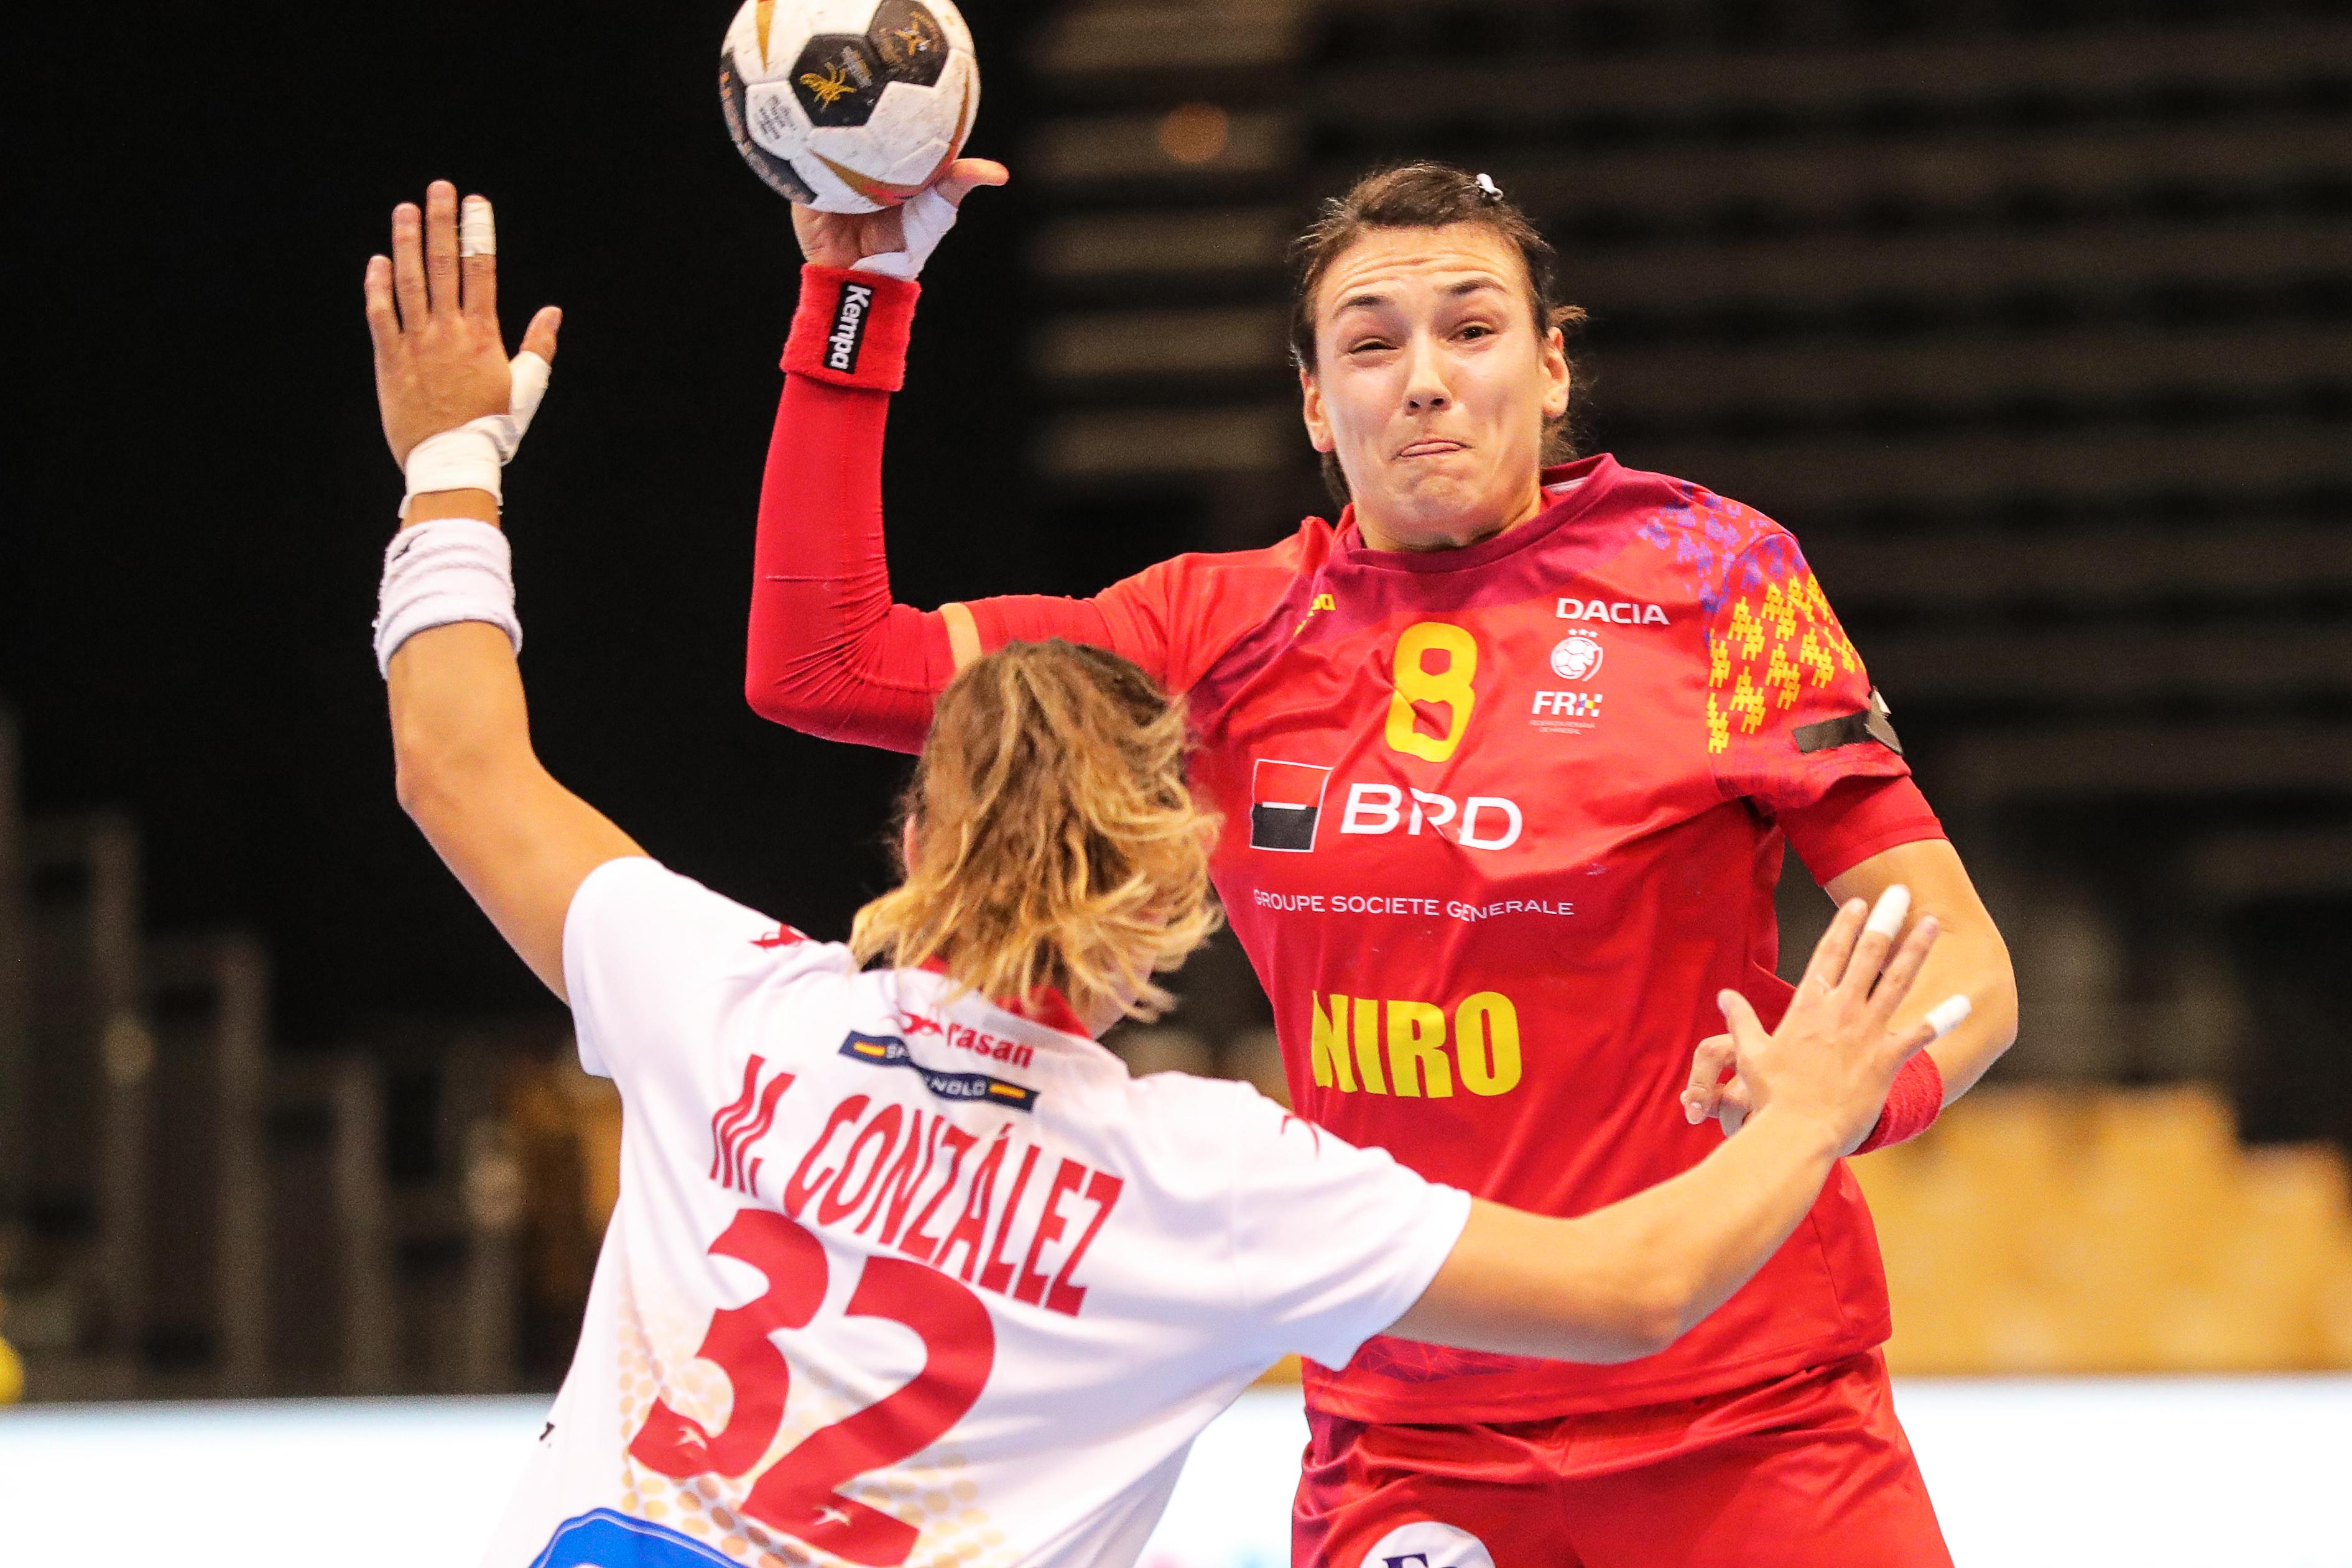 Ce a spus Cristina Neagu despre meciul cu Rusia